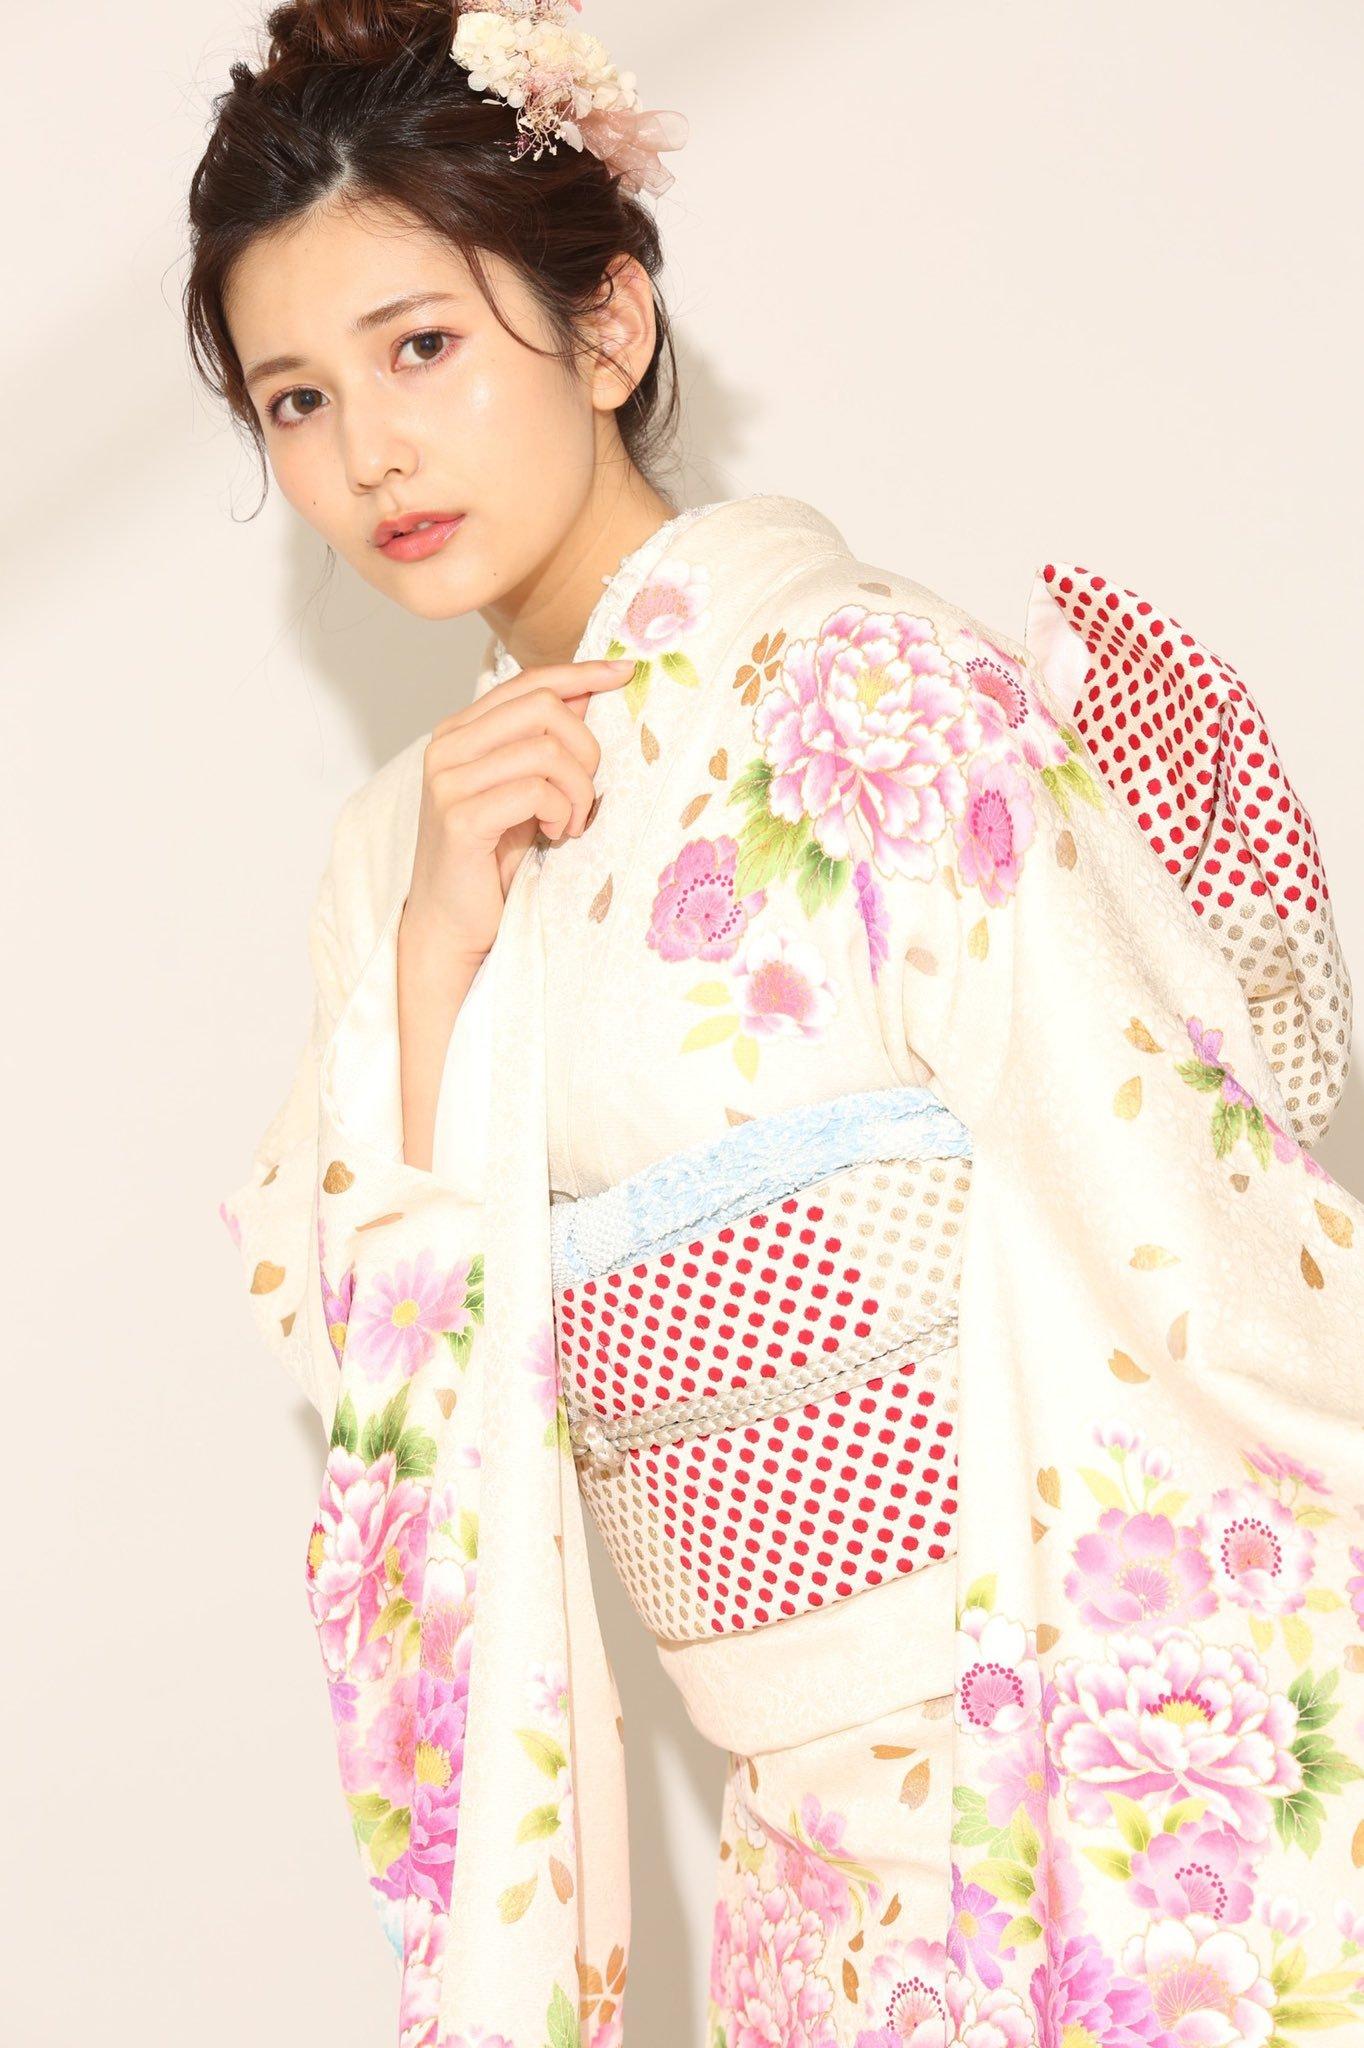 [日本]2020年杂志选美冠军新井遥超嫩脸蛋迷倒众人 养眼图片 第3张